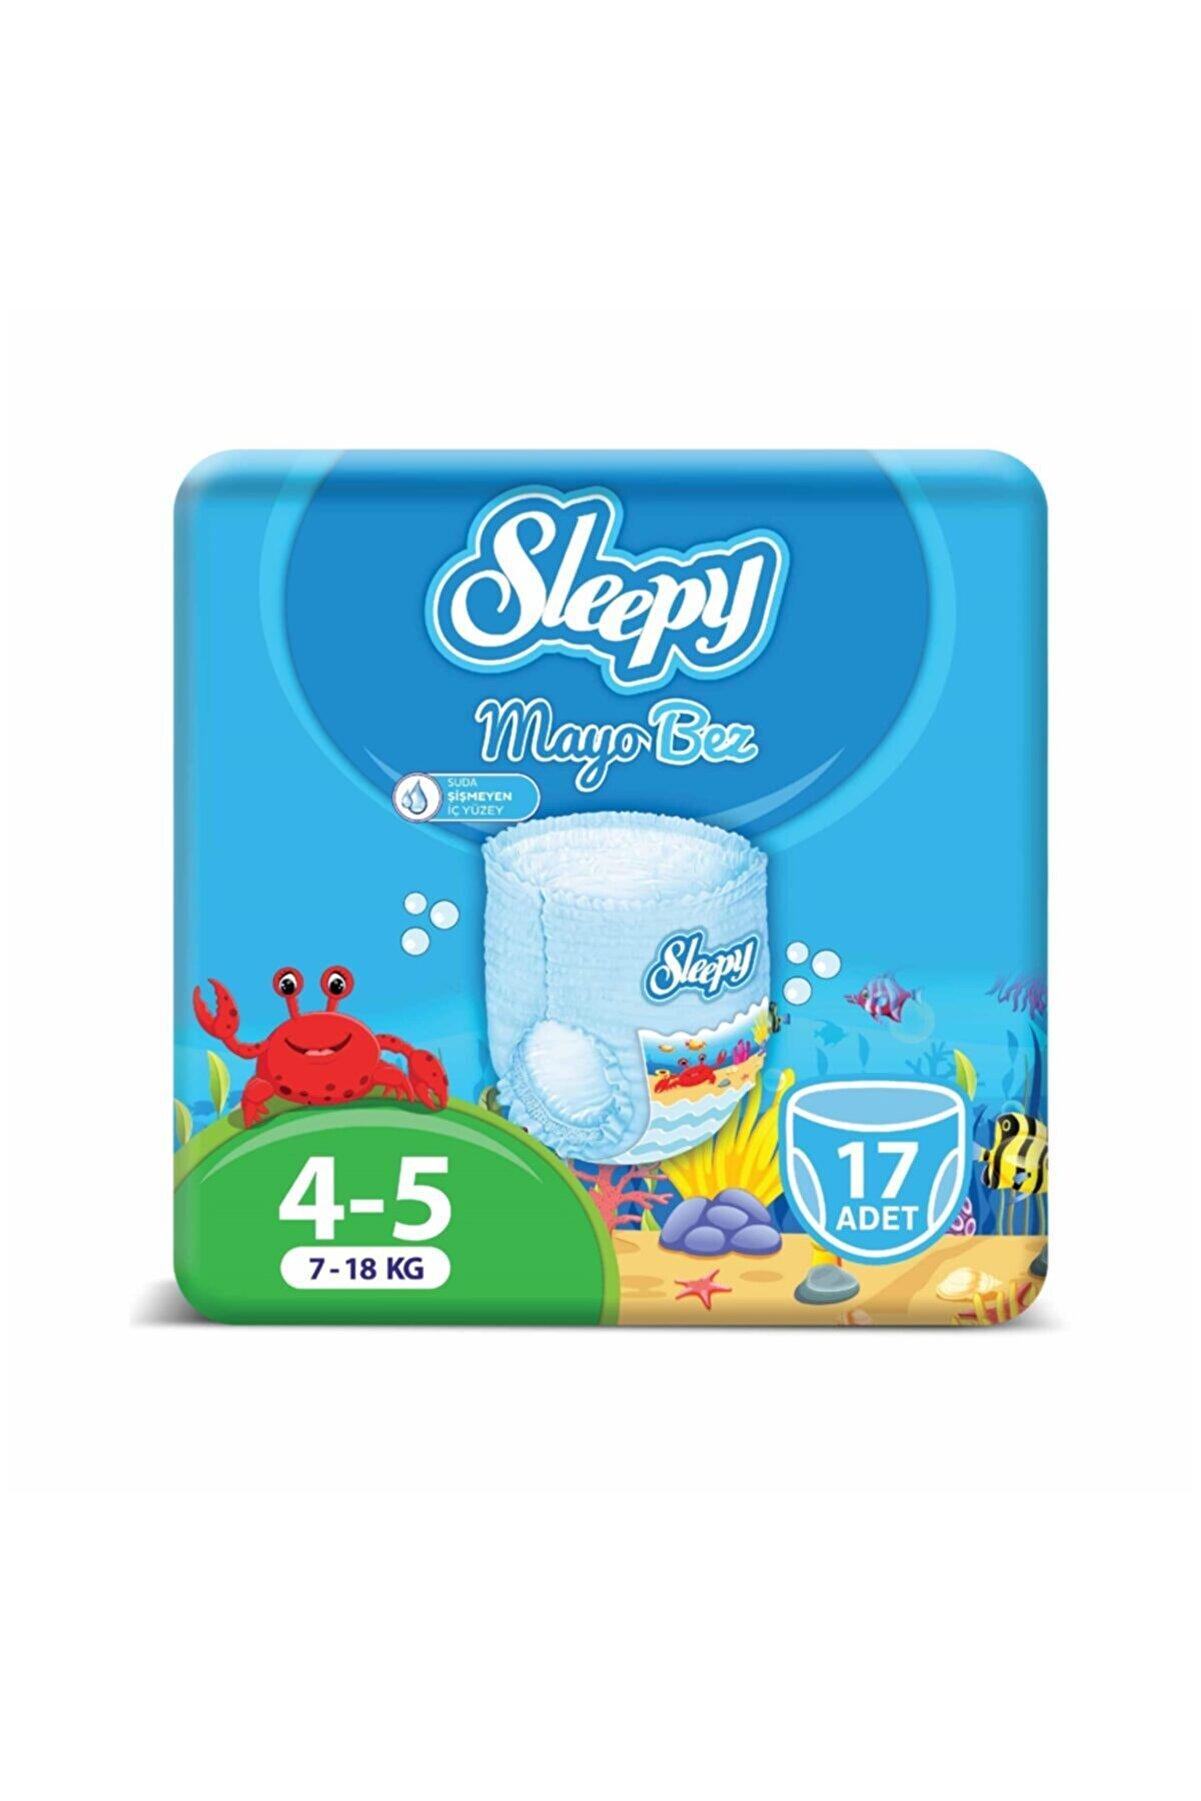 Sleepy Mayo Külot Bez 5 Beden Junior 17 Adet 7-18 Kg